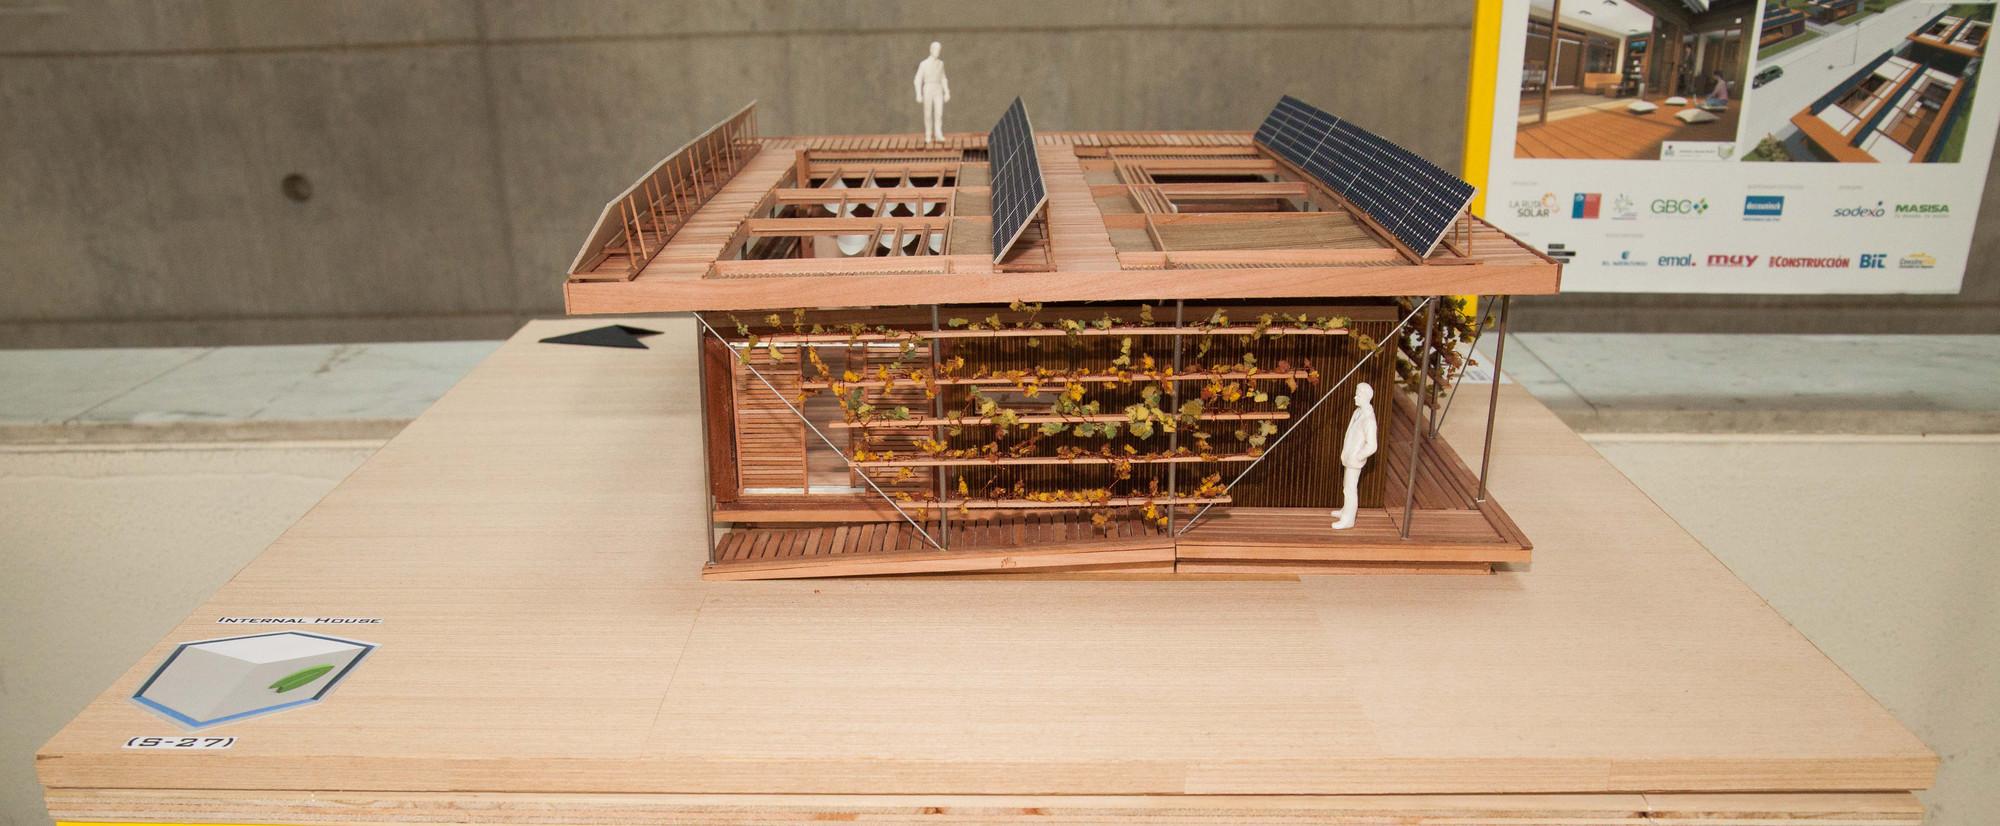 Internal House (S27). Universidad Mayor. Image Cortesia de Construye Solar